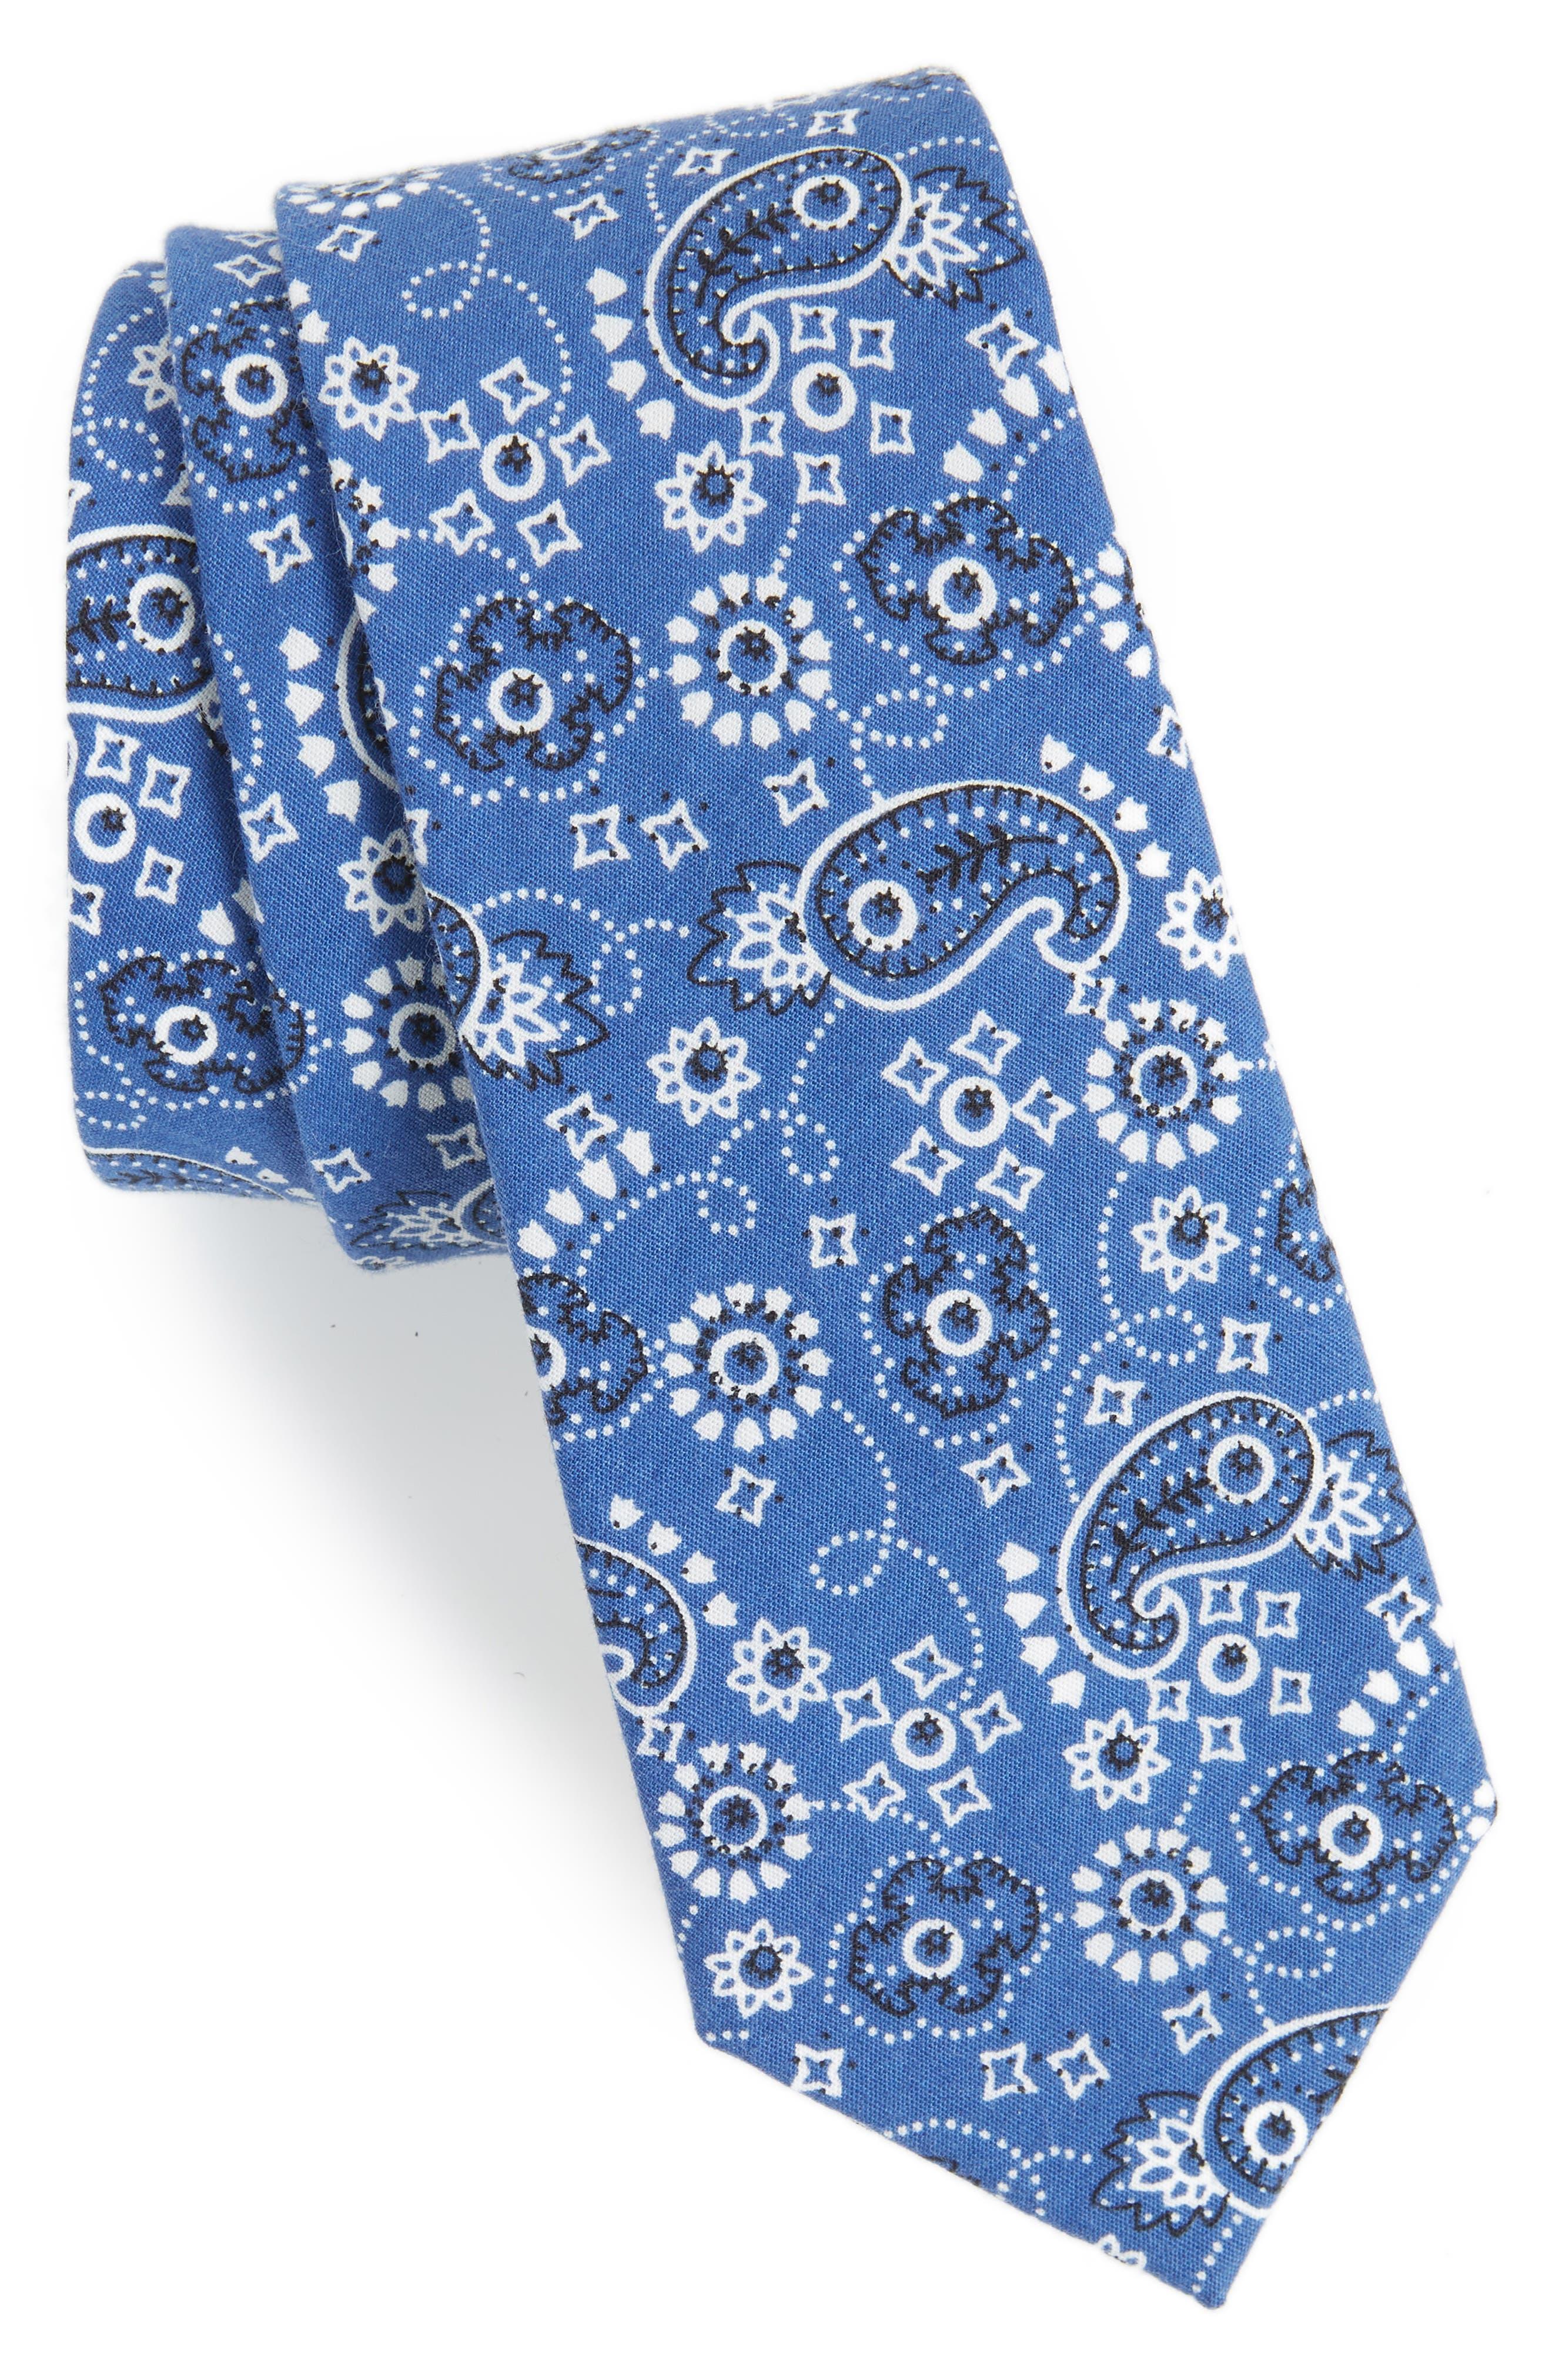 Orduna Paisley Cotton Tie,                         Main,                         color, NAVY